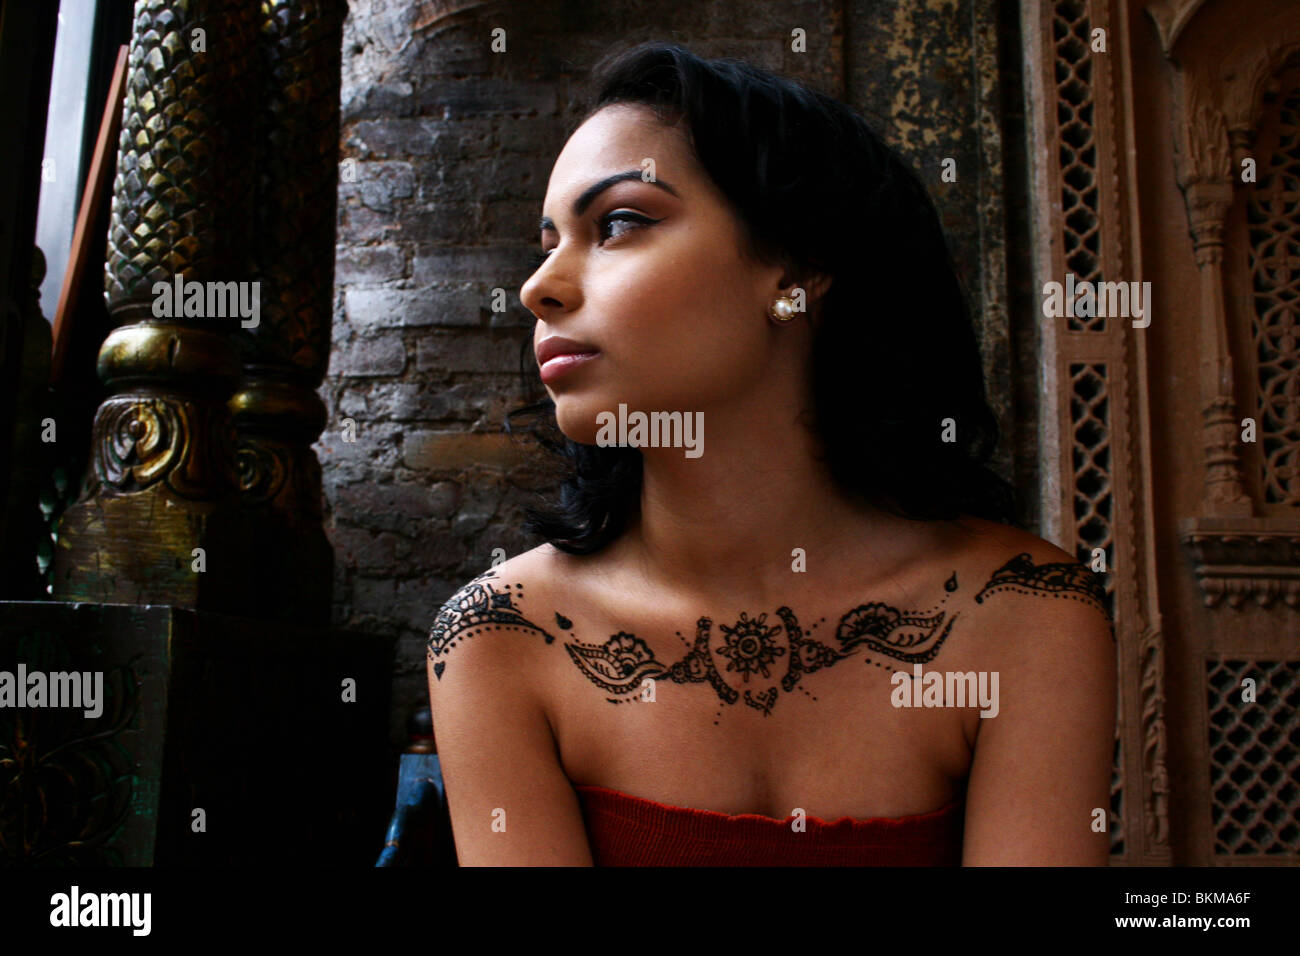 Portrait de femme peint avec henné moderne design sur ses épaules. Photo Stock